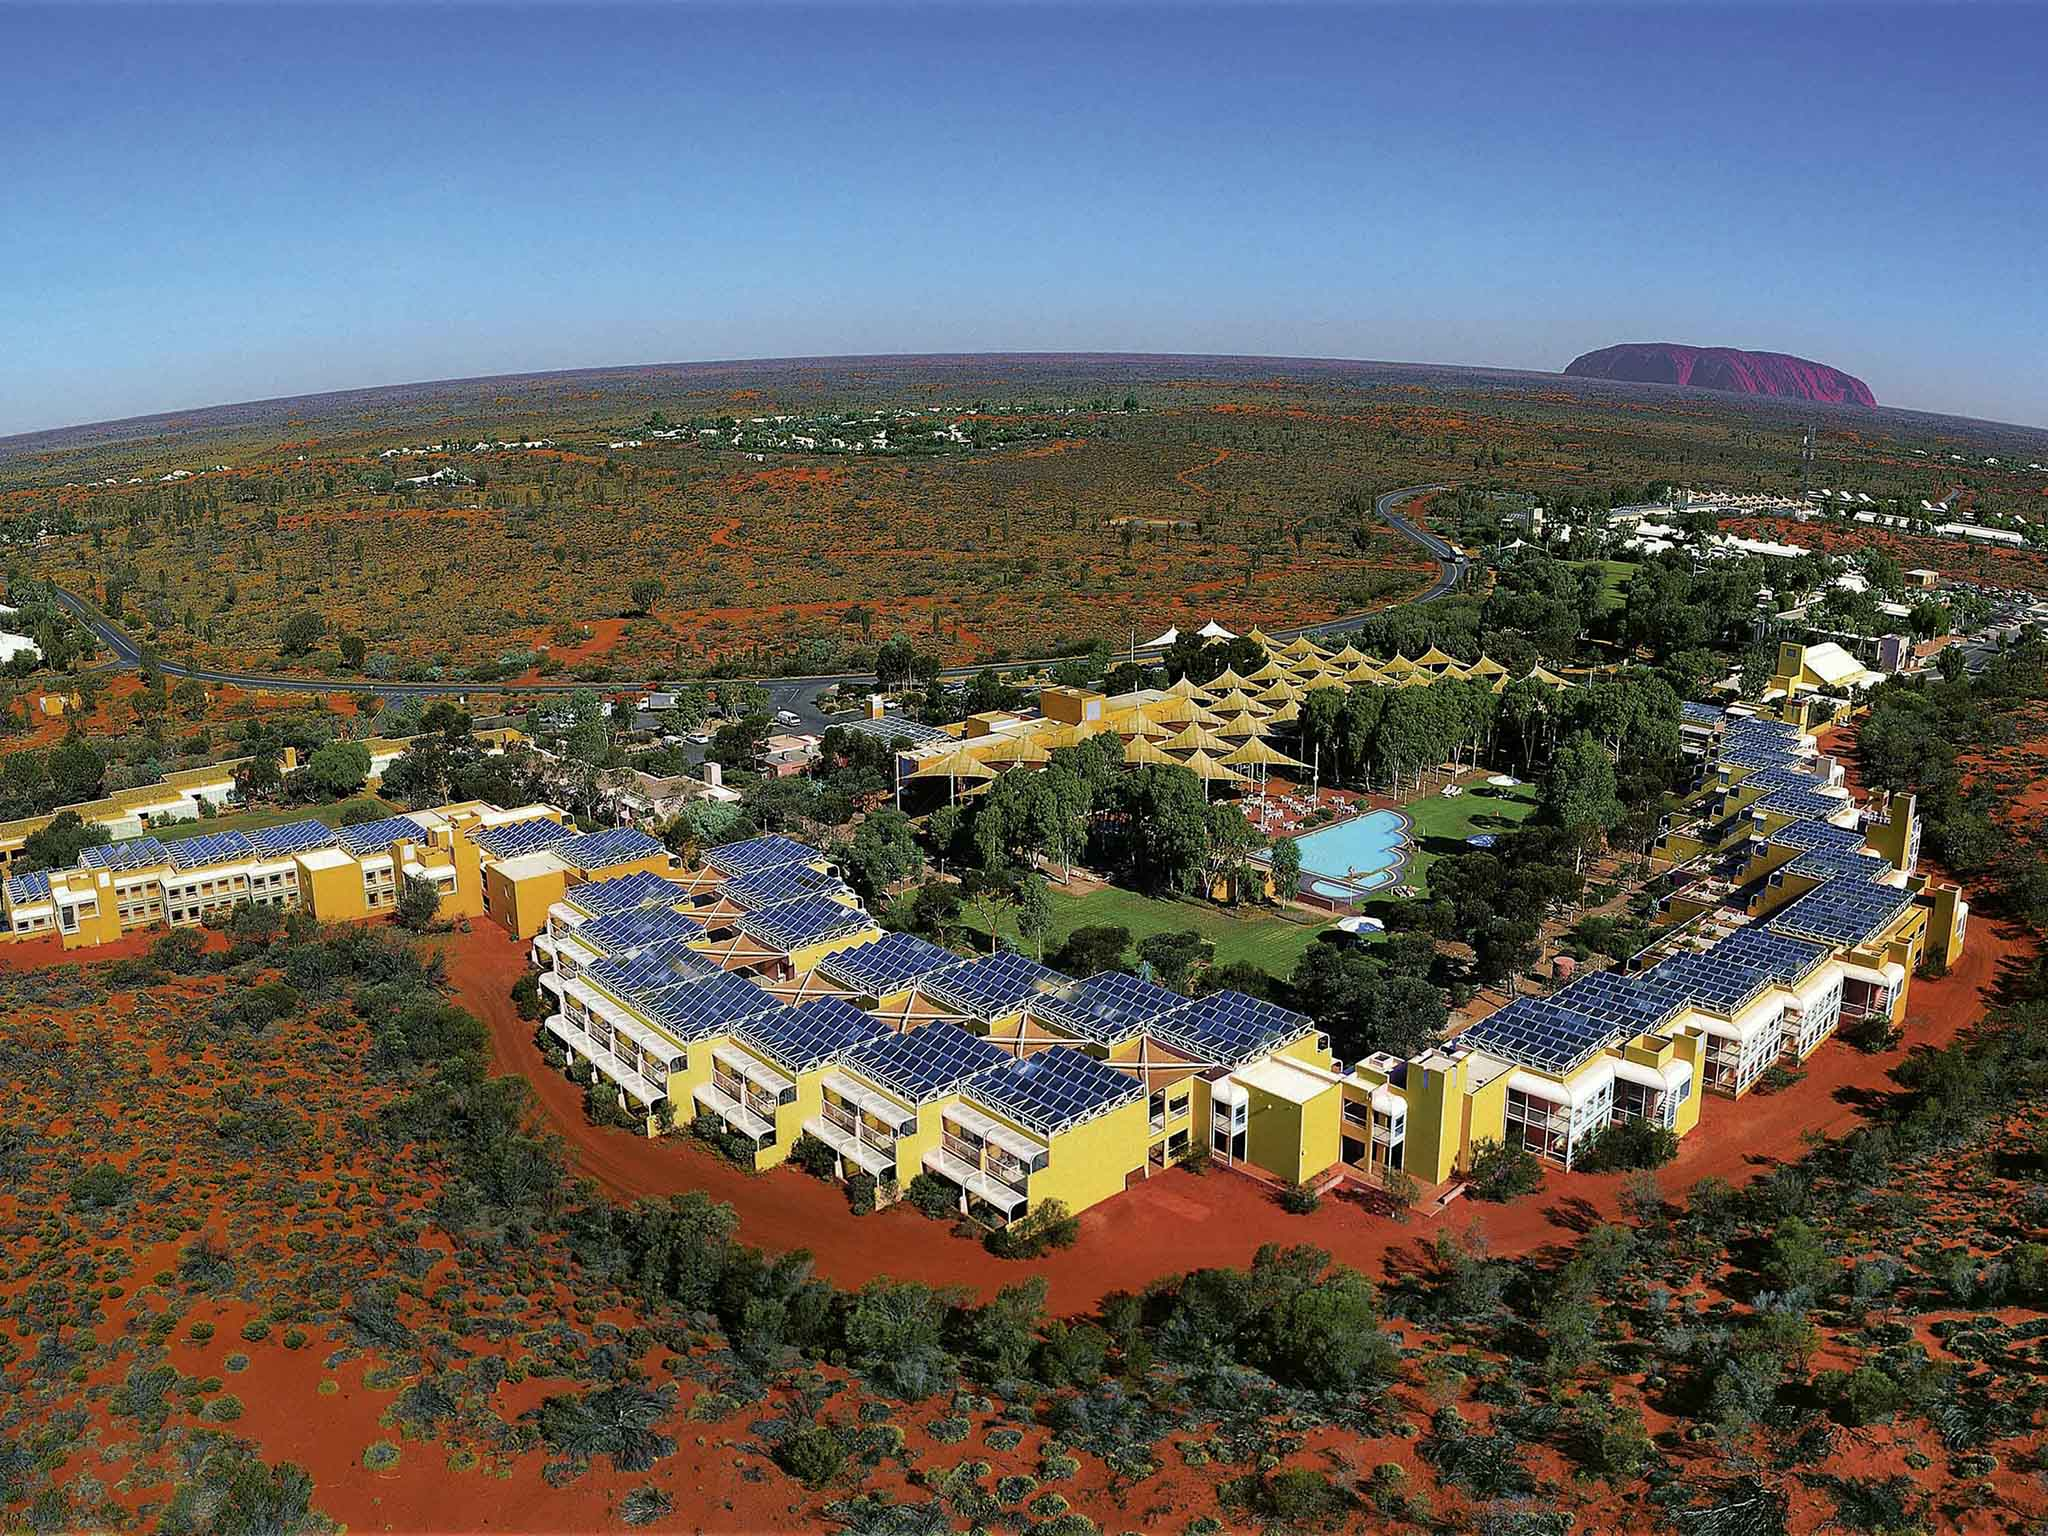 فندق - Desert Gardens - A member of Novotel Hotels